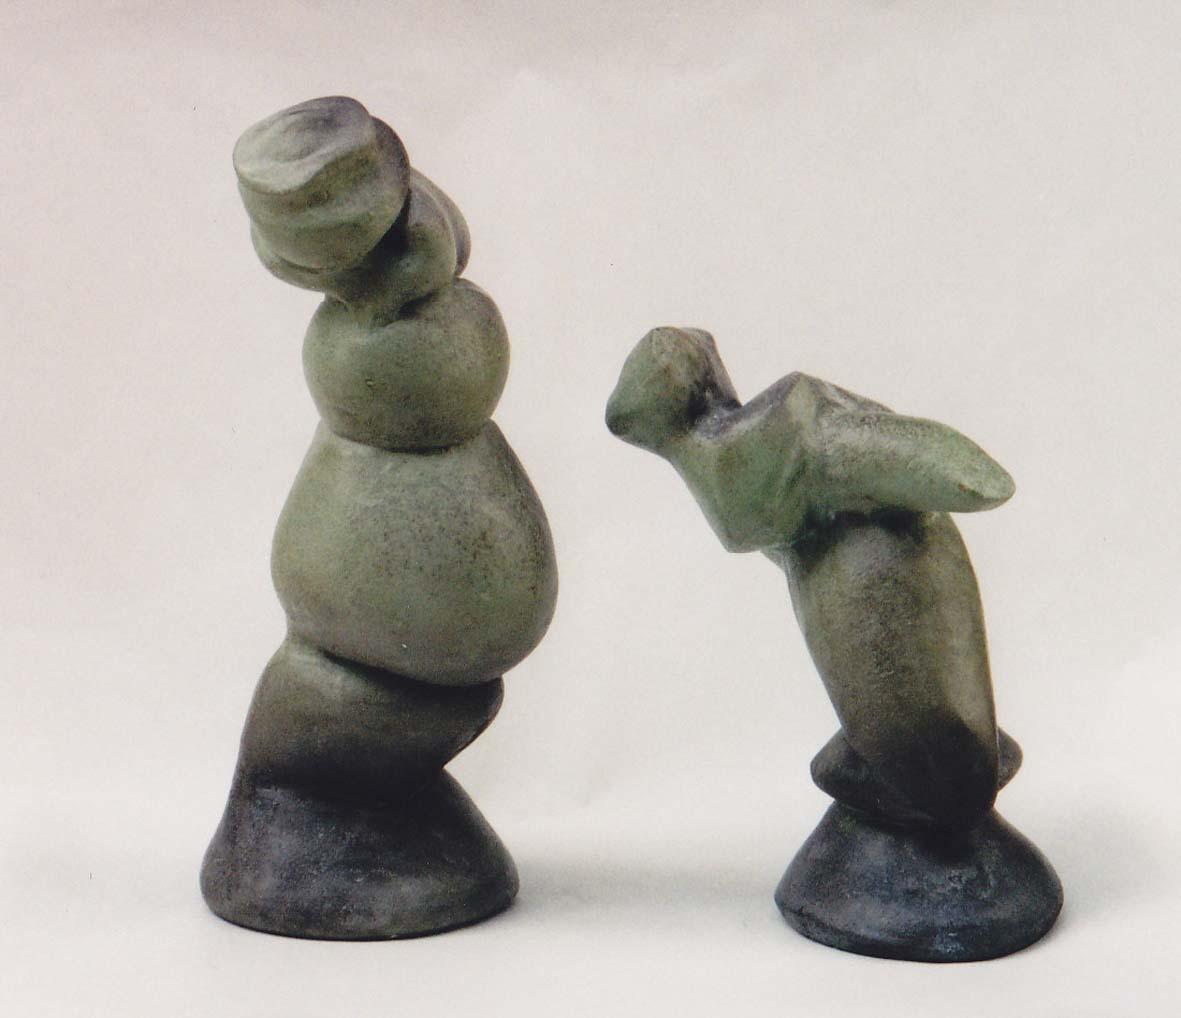 Skulpturelle undersøgelser fra Clay Art i Aarhus